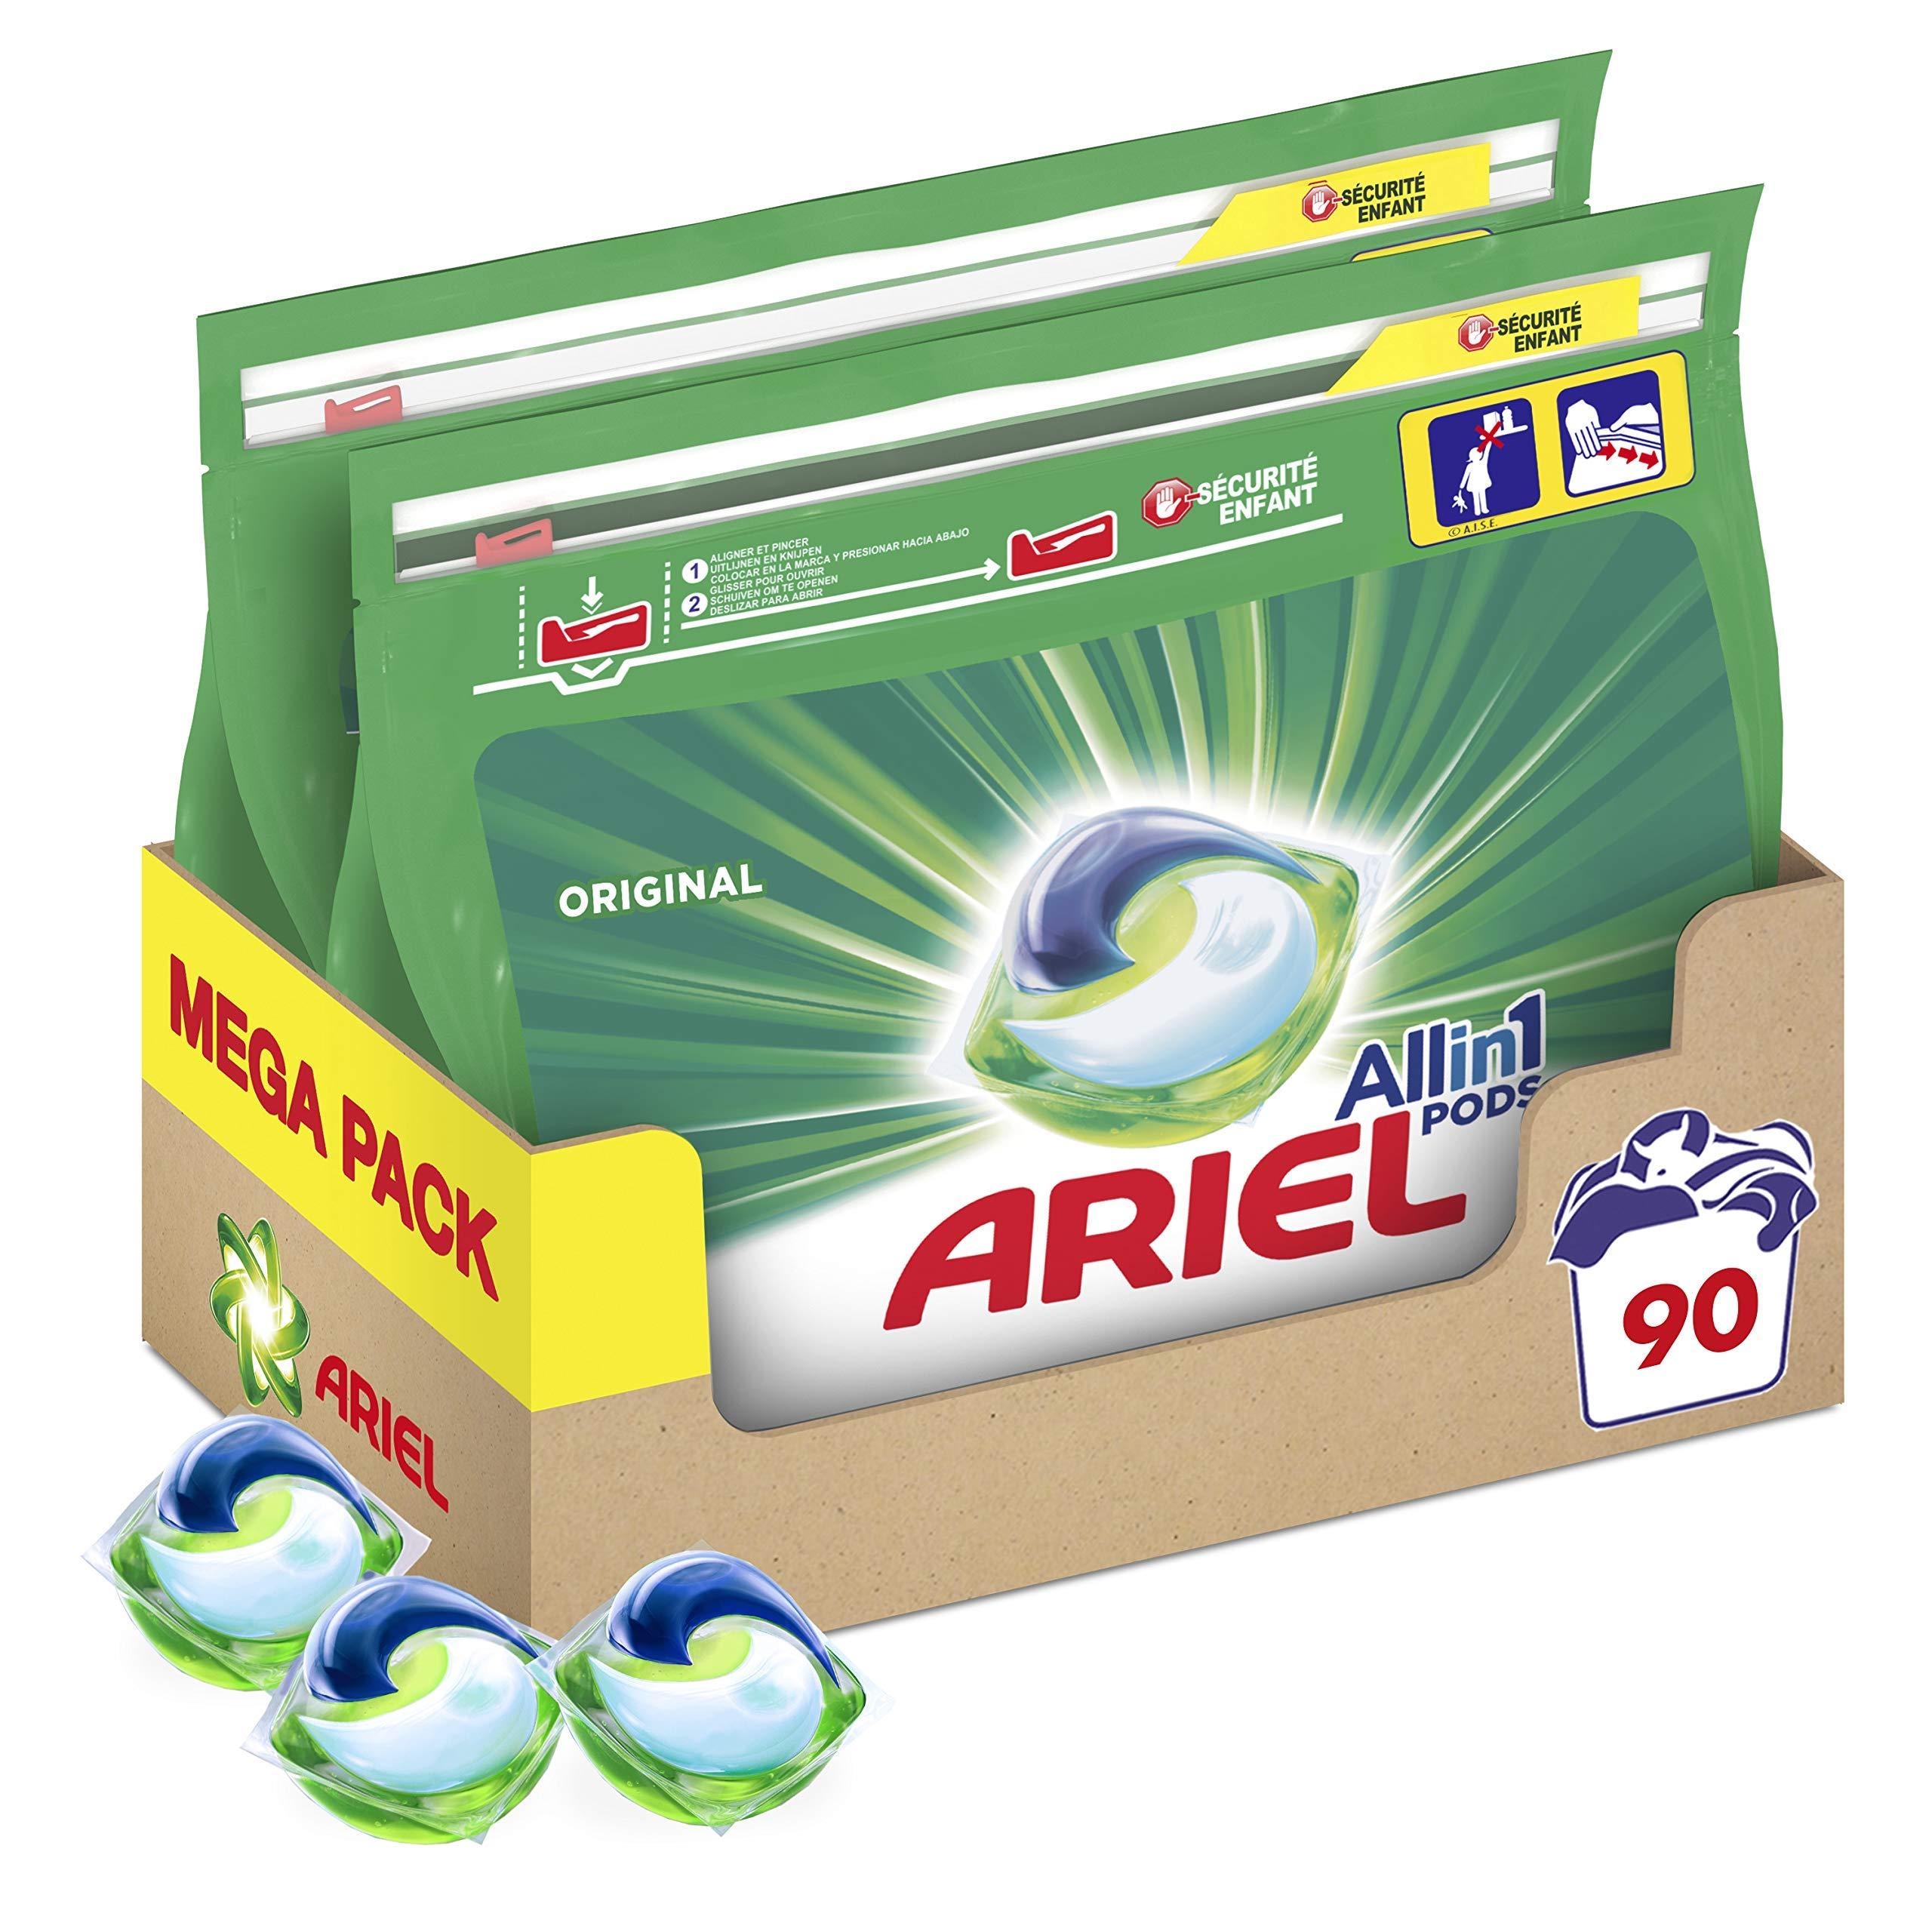 Ariel Pods Allin1 Detergente en Cápsulas para Lavadora, Original, 90 Lavados (2 x 45)